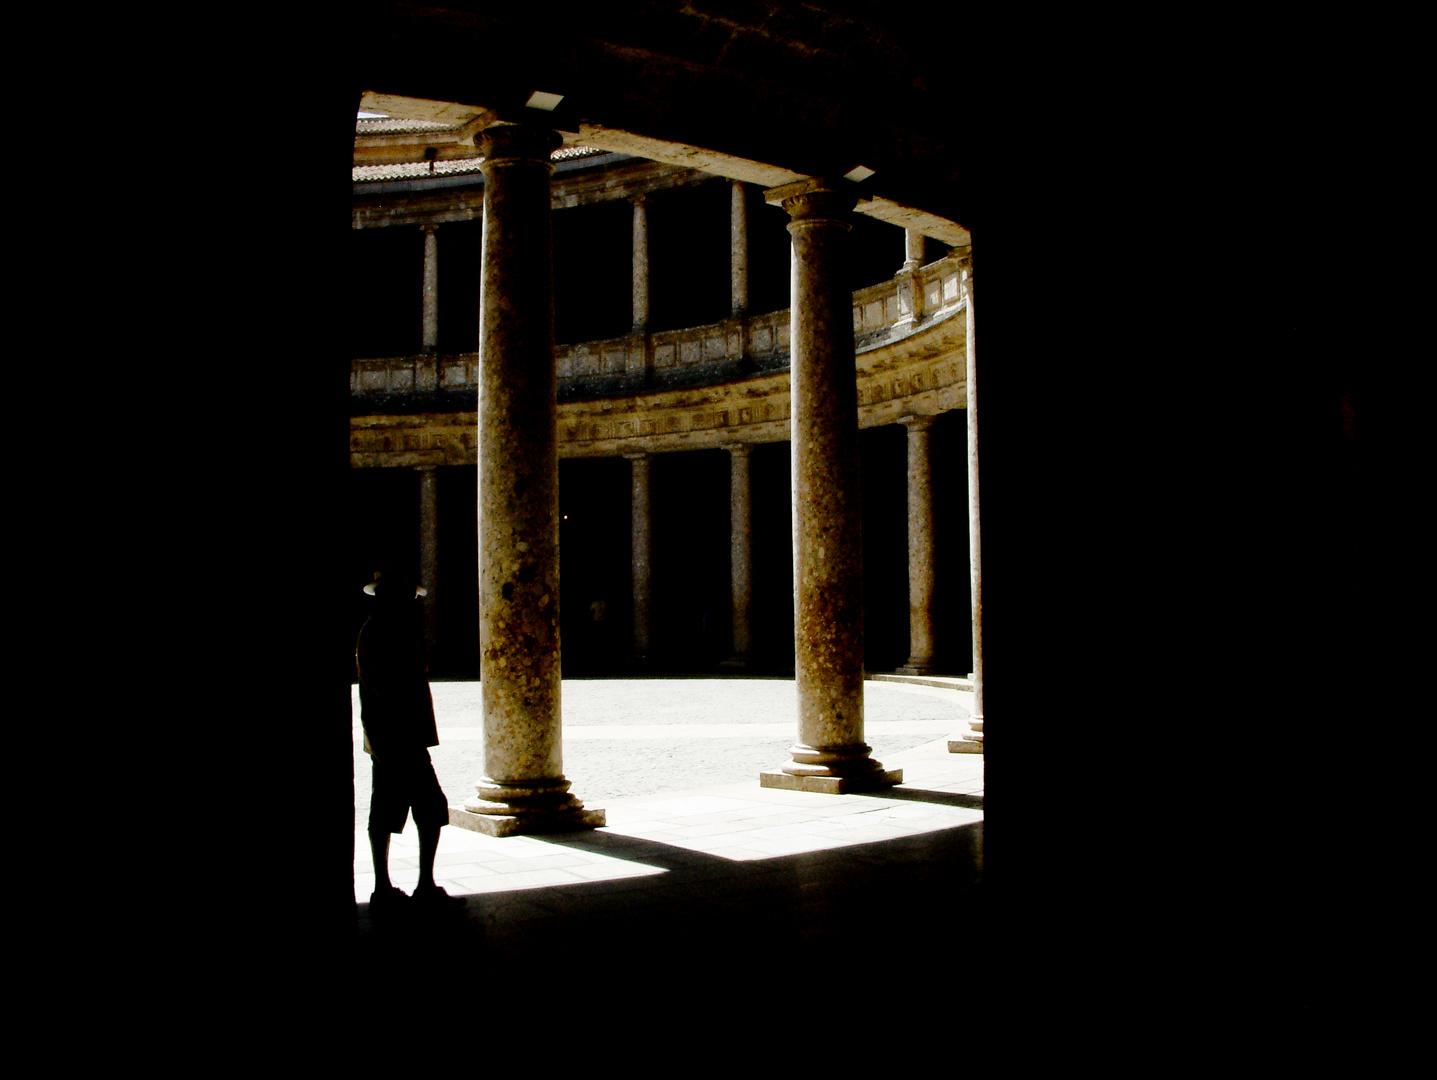 Luces y sombras del Palacio Carlos V